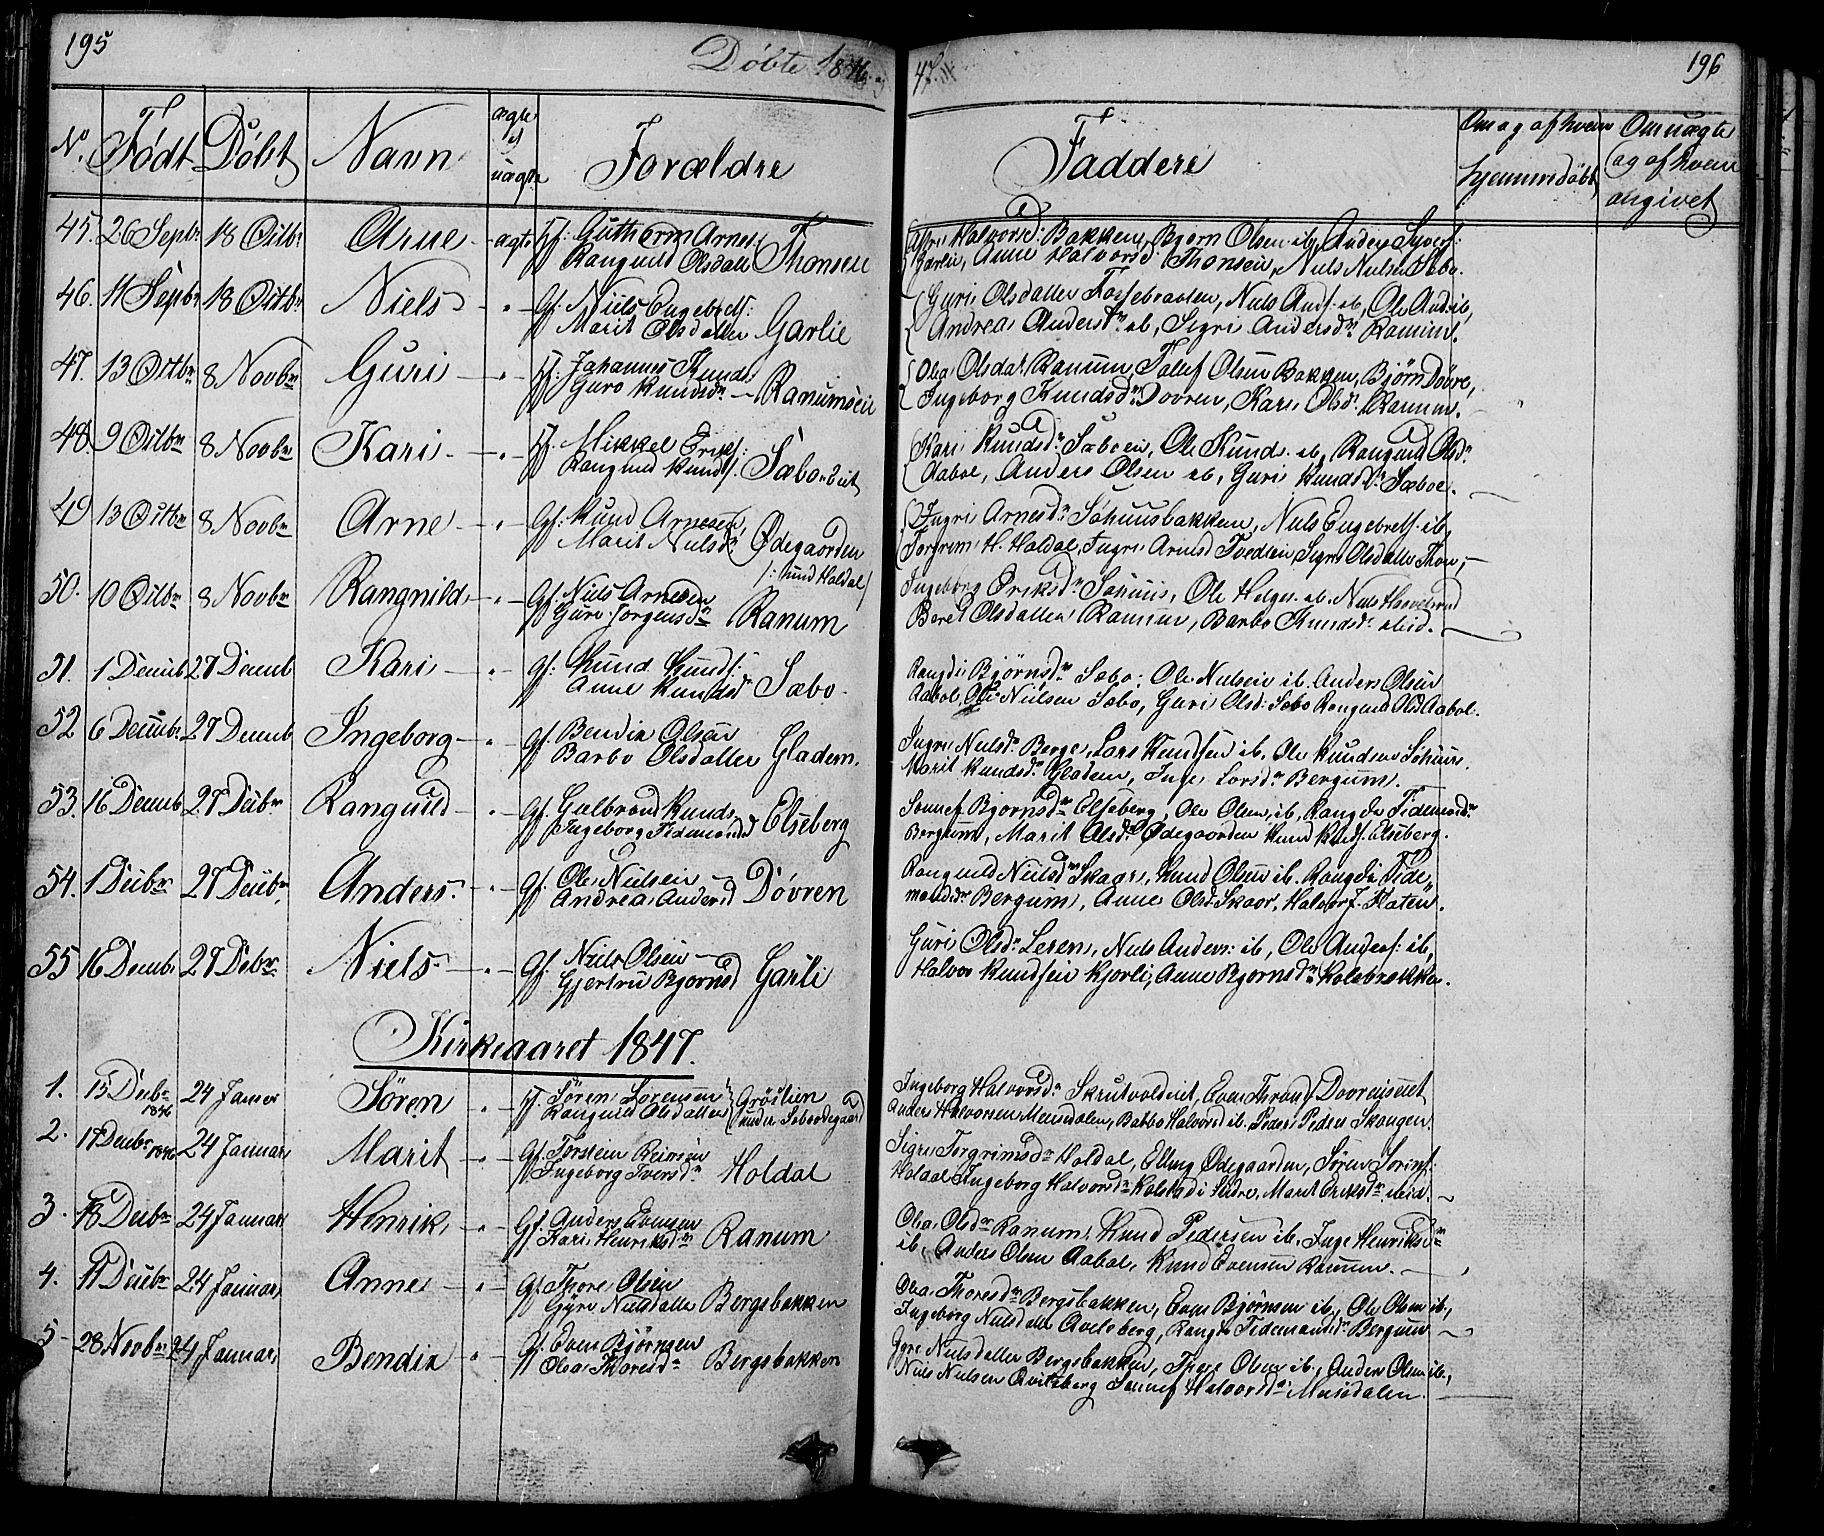 SAH, Nord-Aurdal prestekontor, Klokkerbok nr. 1, 1834-1887, s. 195-196